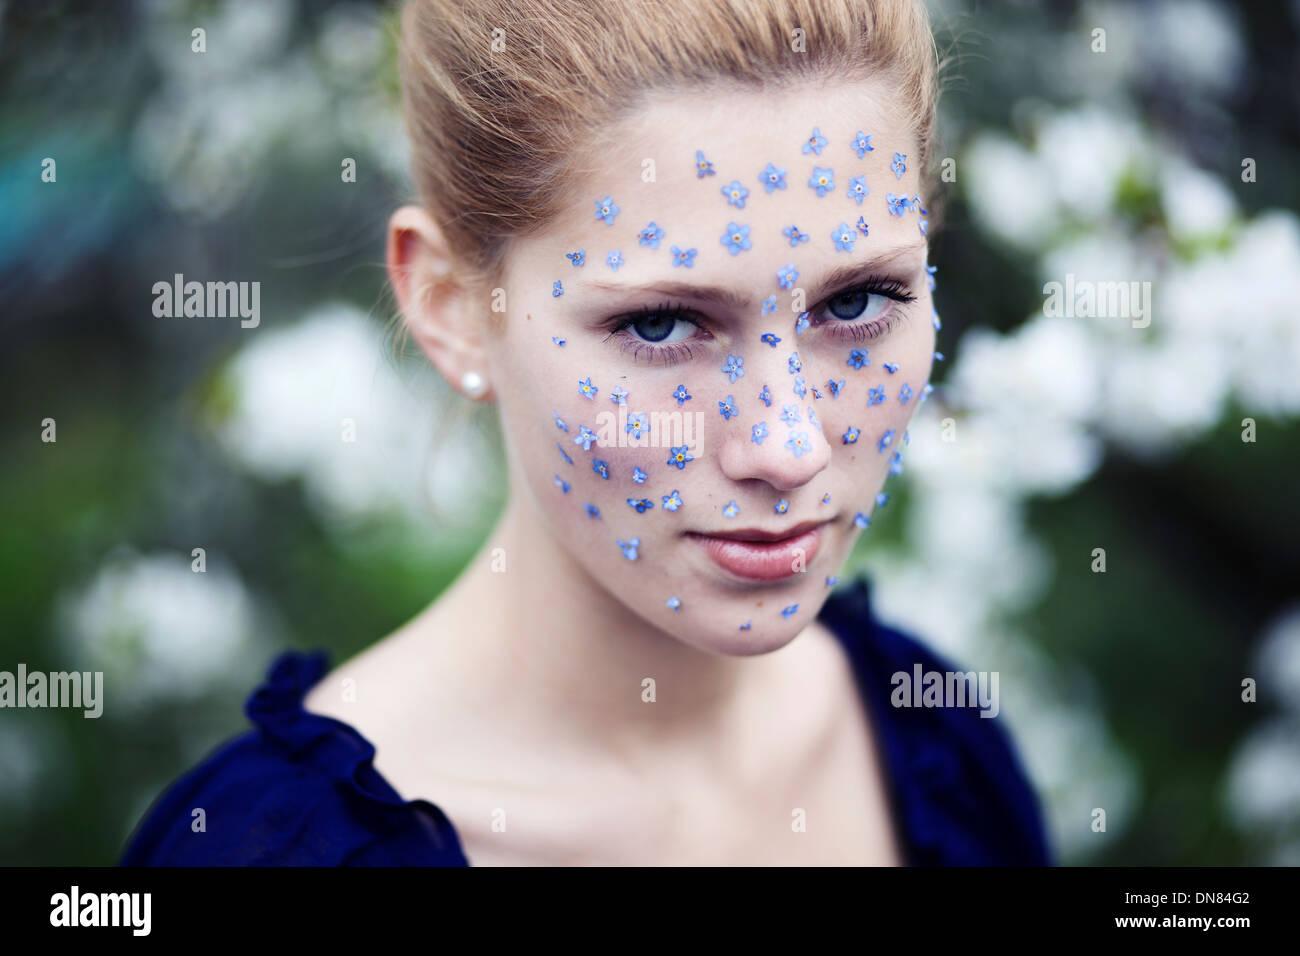 Porträt einer jungen Frau mit Blumen auf ihrem Gesicht Stockbild